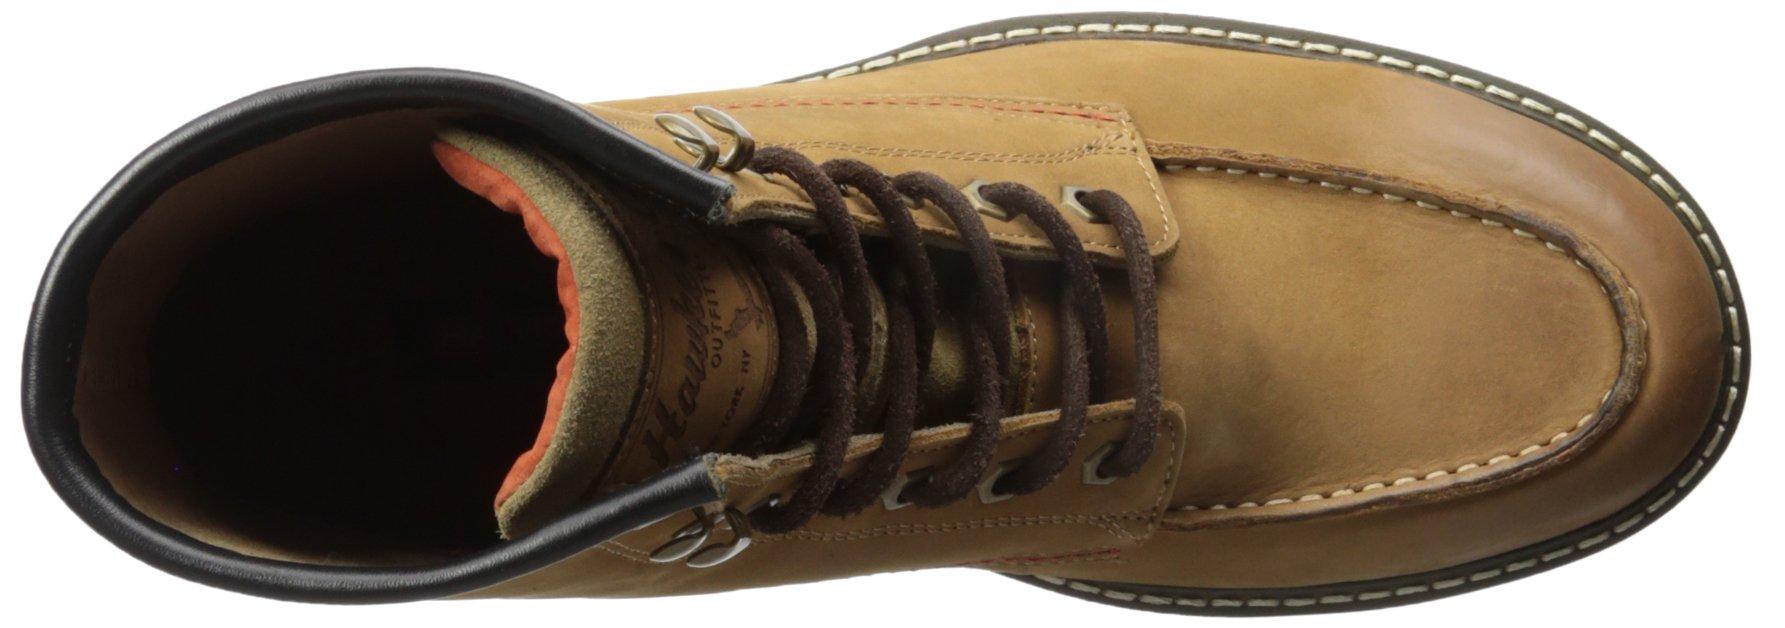 Hawke & Co Men's Harrison Work Boot, Wheat, 10.5 M US by Hawke & Co (Image #8)